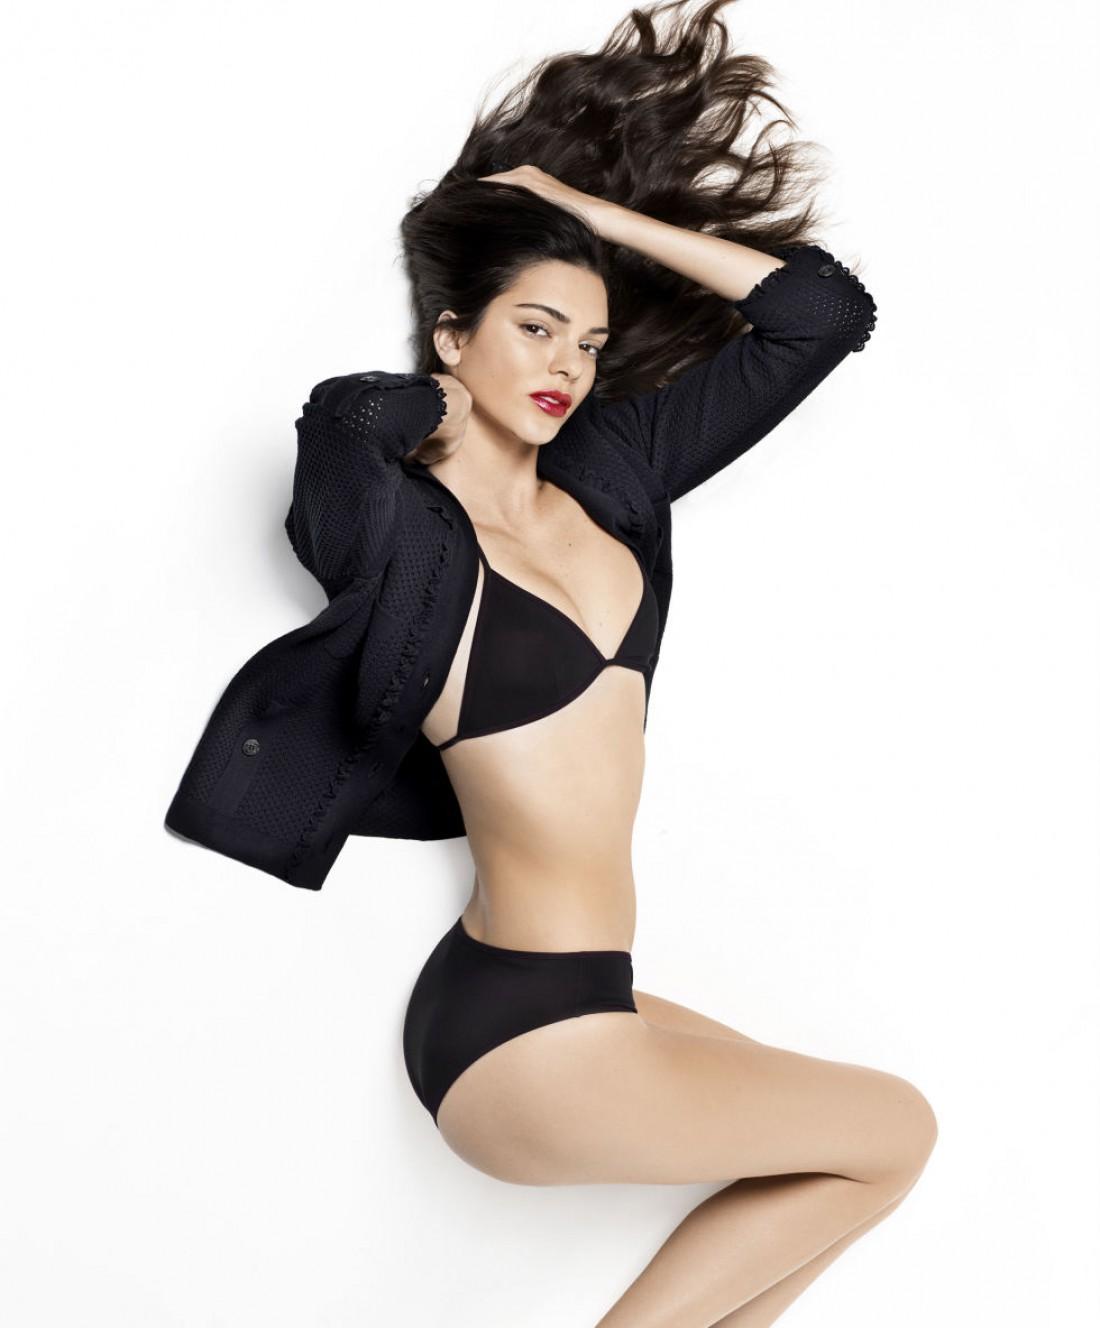 Кендалл Дженнер появилась в новой фотосессии для Harper's Bazaar